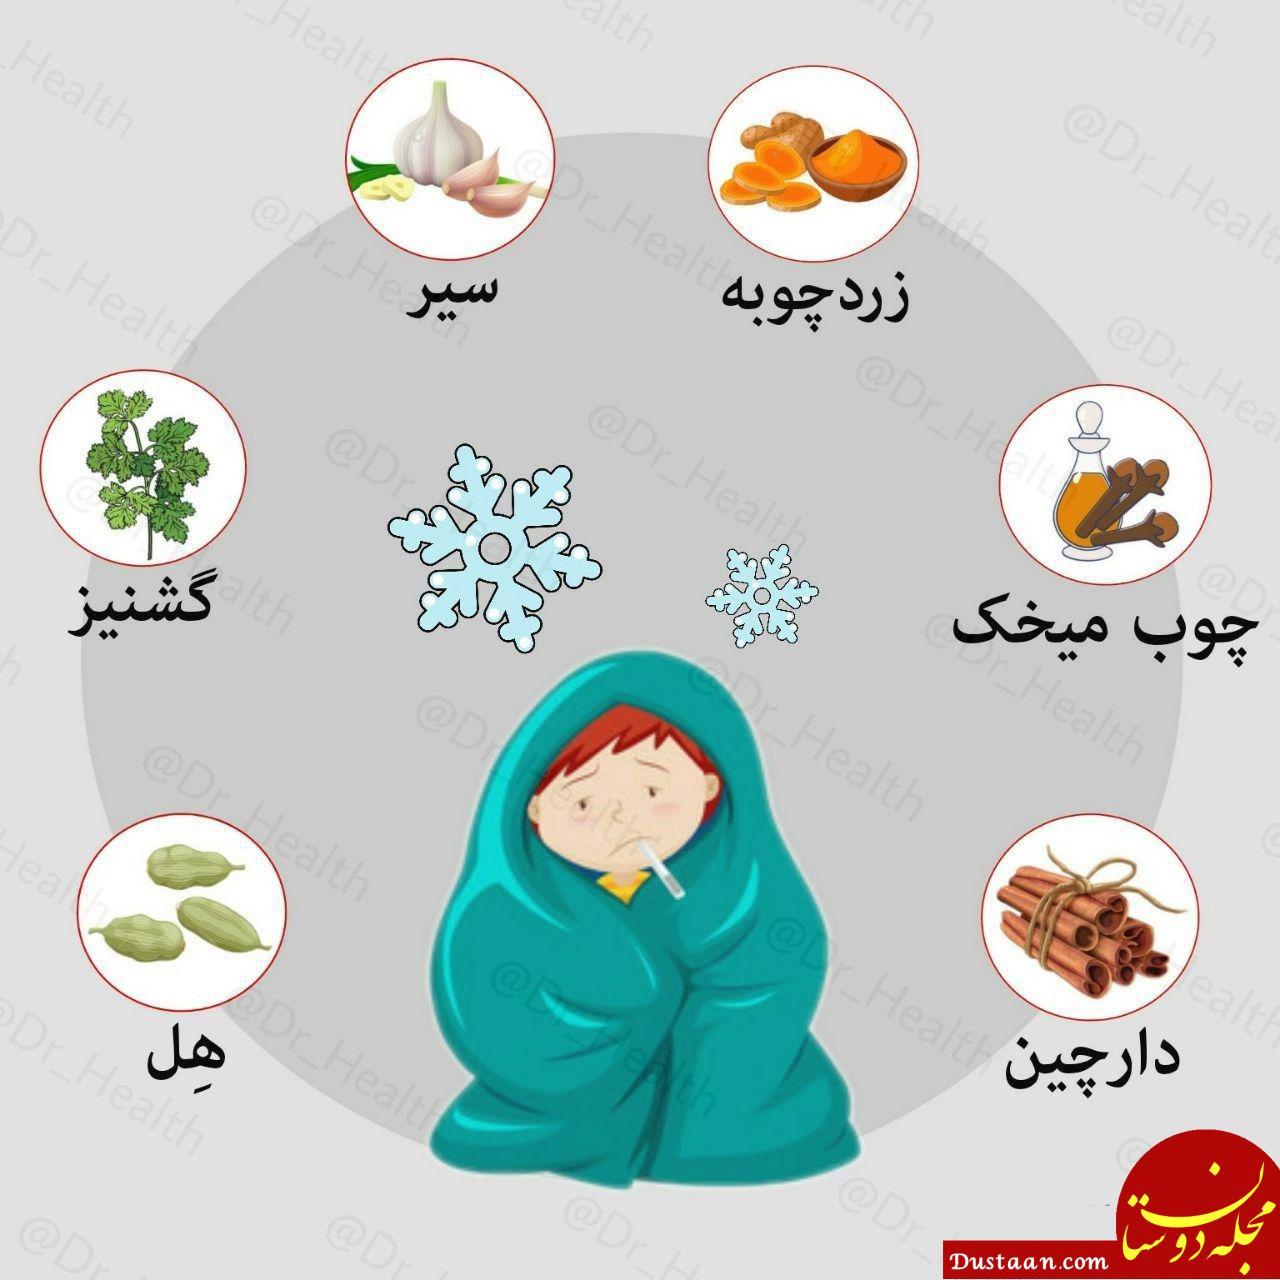 www.dustaan.com ادویههای مفید برای فصل زمستان را بهتر بشناسید